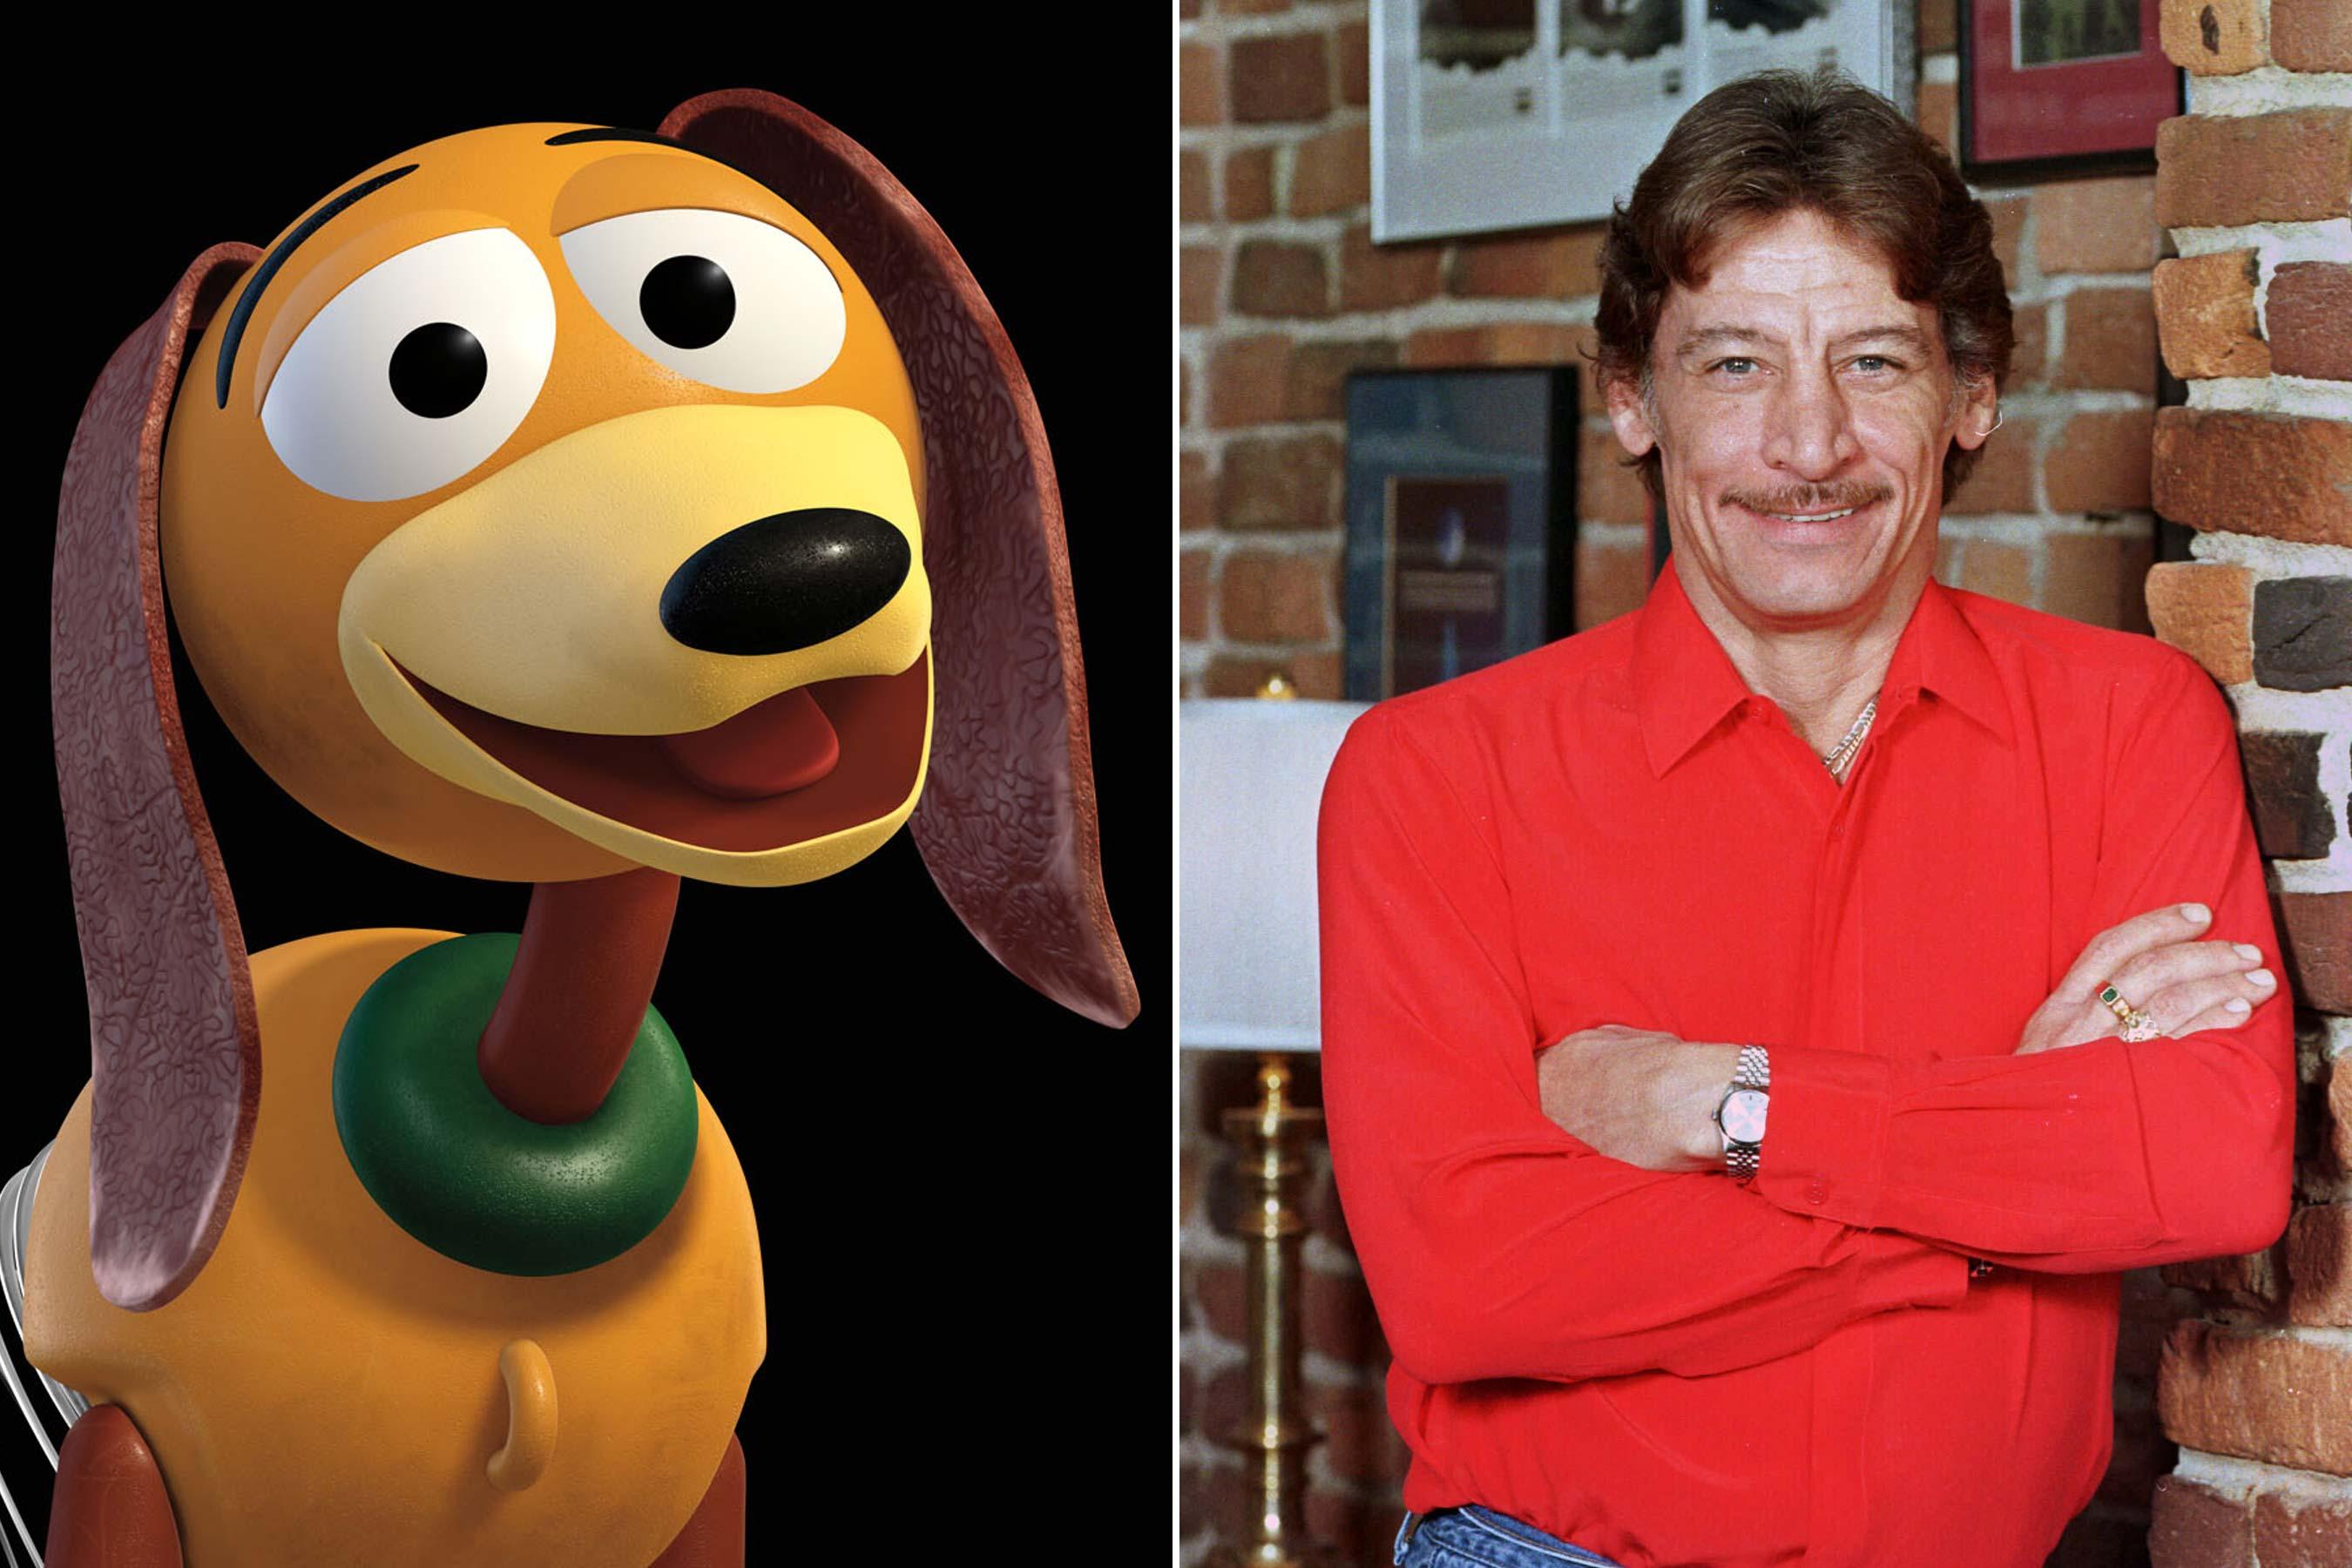 Slinky Dog - Jim Varney (Toy Story 1-2)